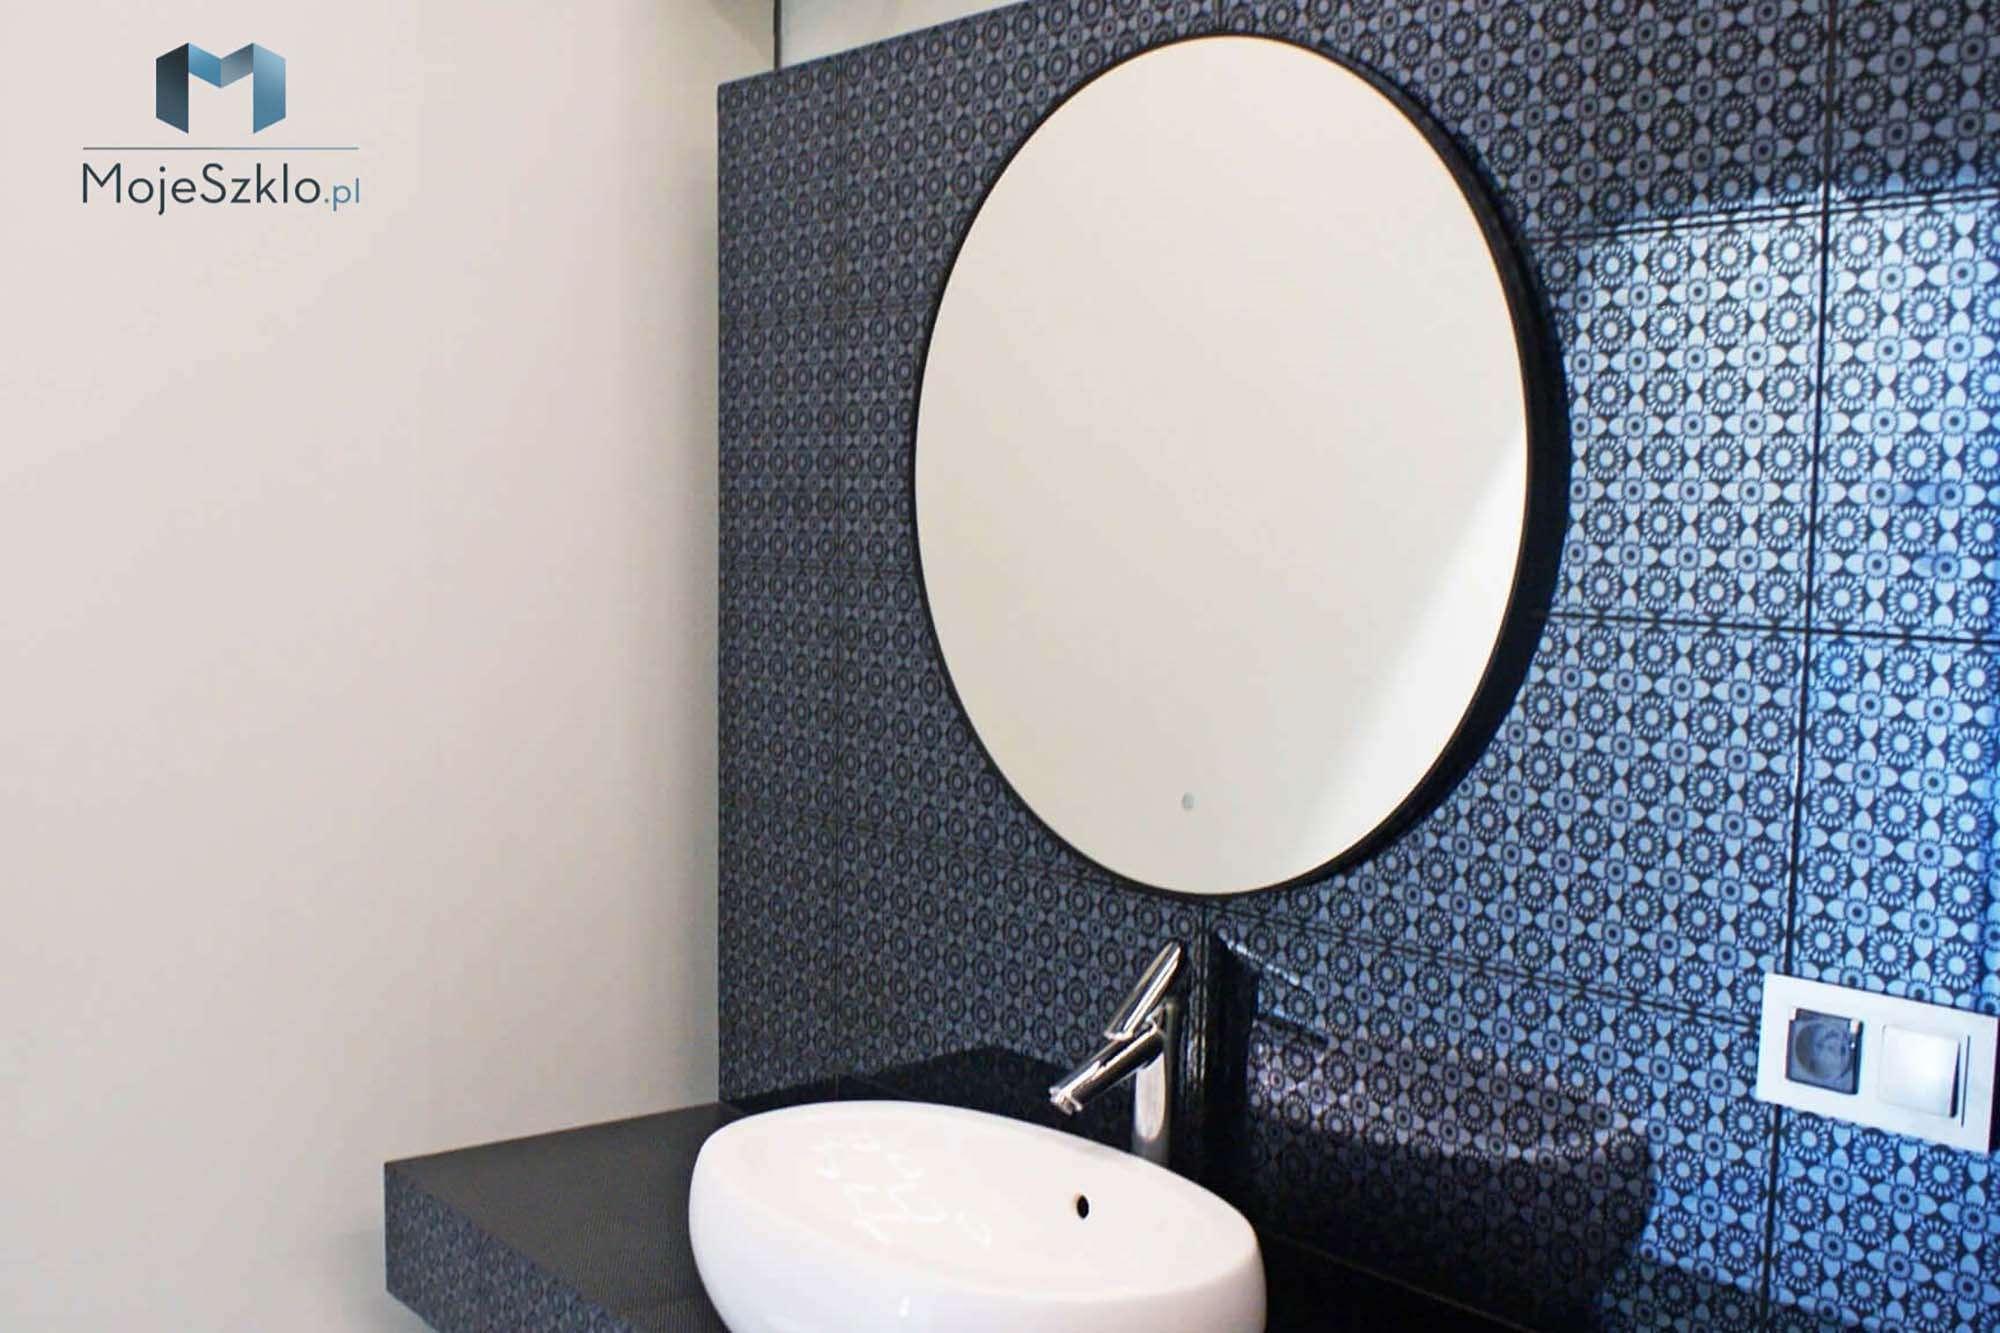 Lustra łazienkowe Lustro Do łazienki Na Wymiar Mojeszklopl